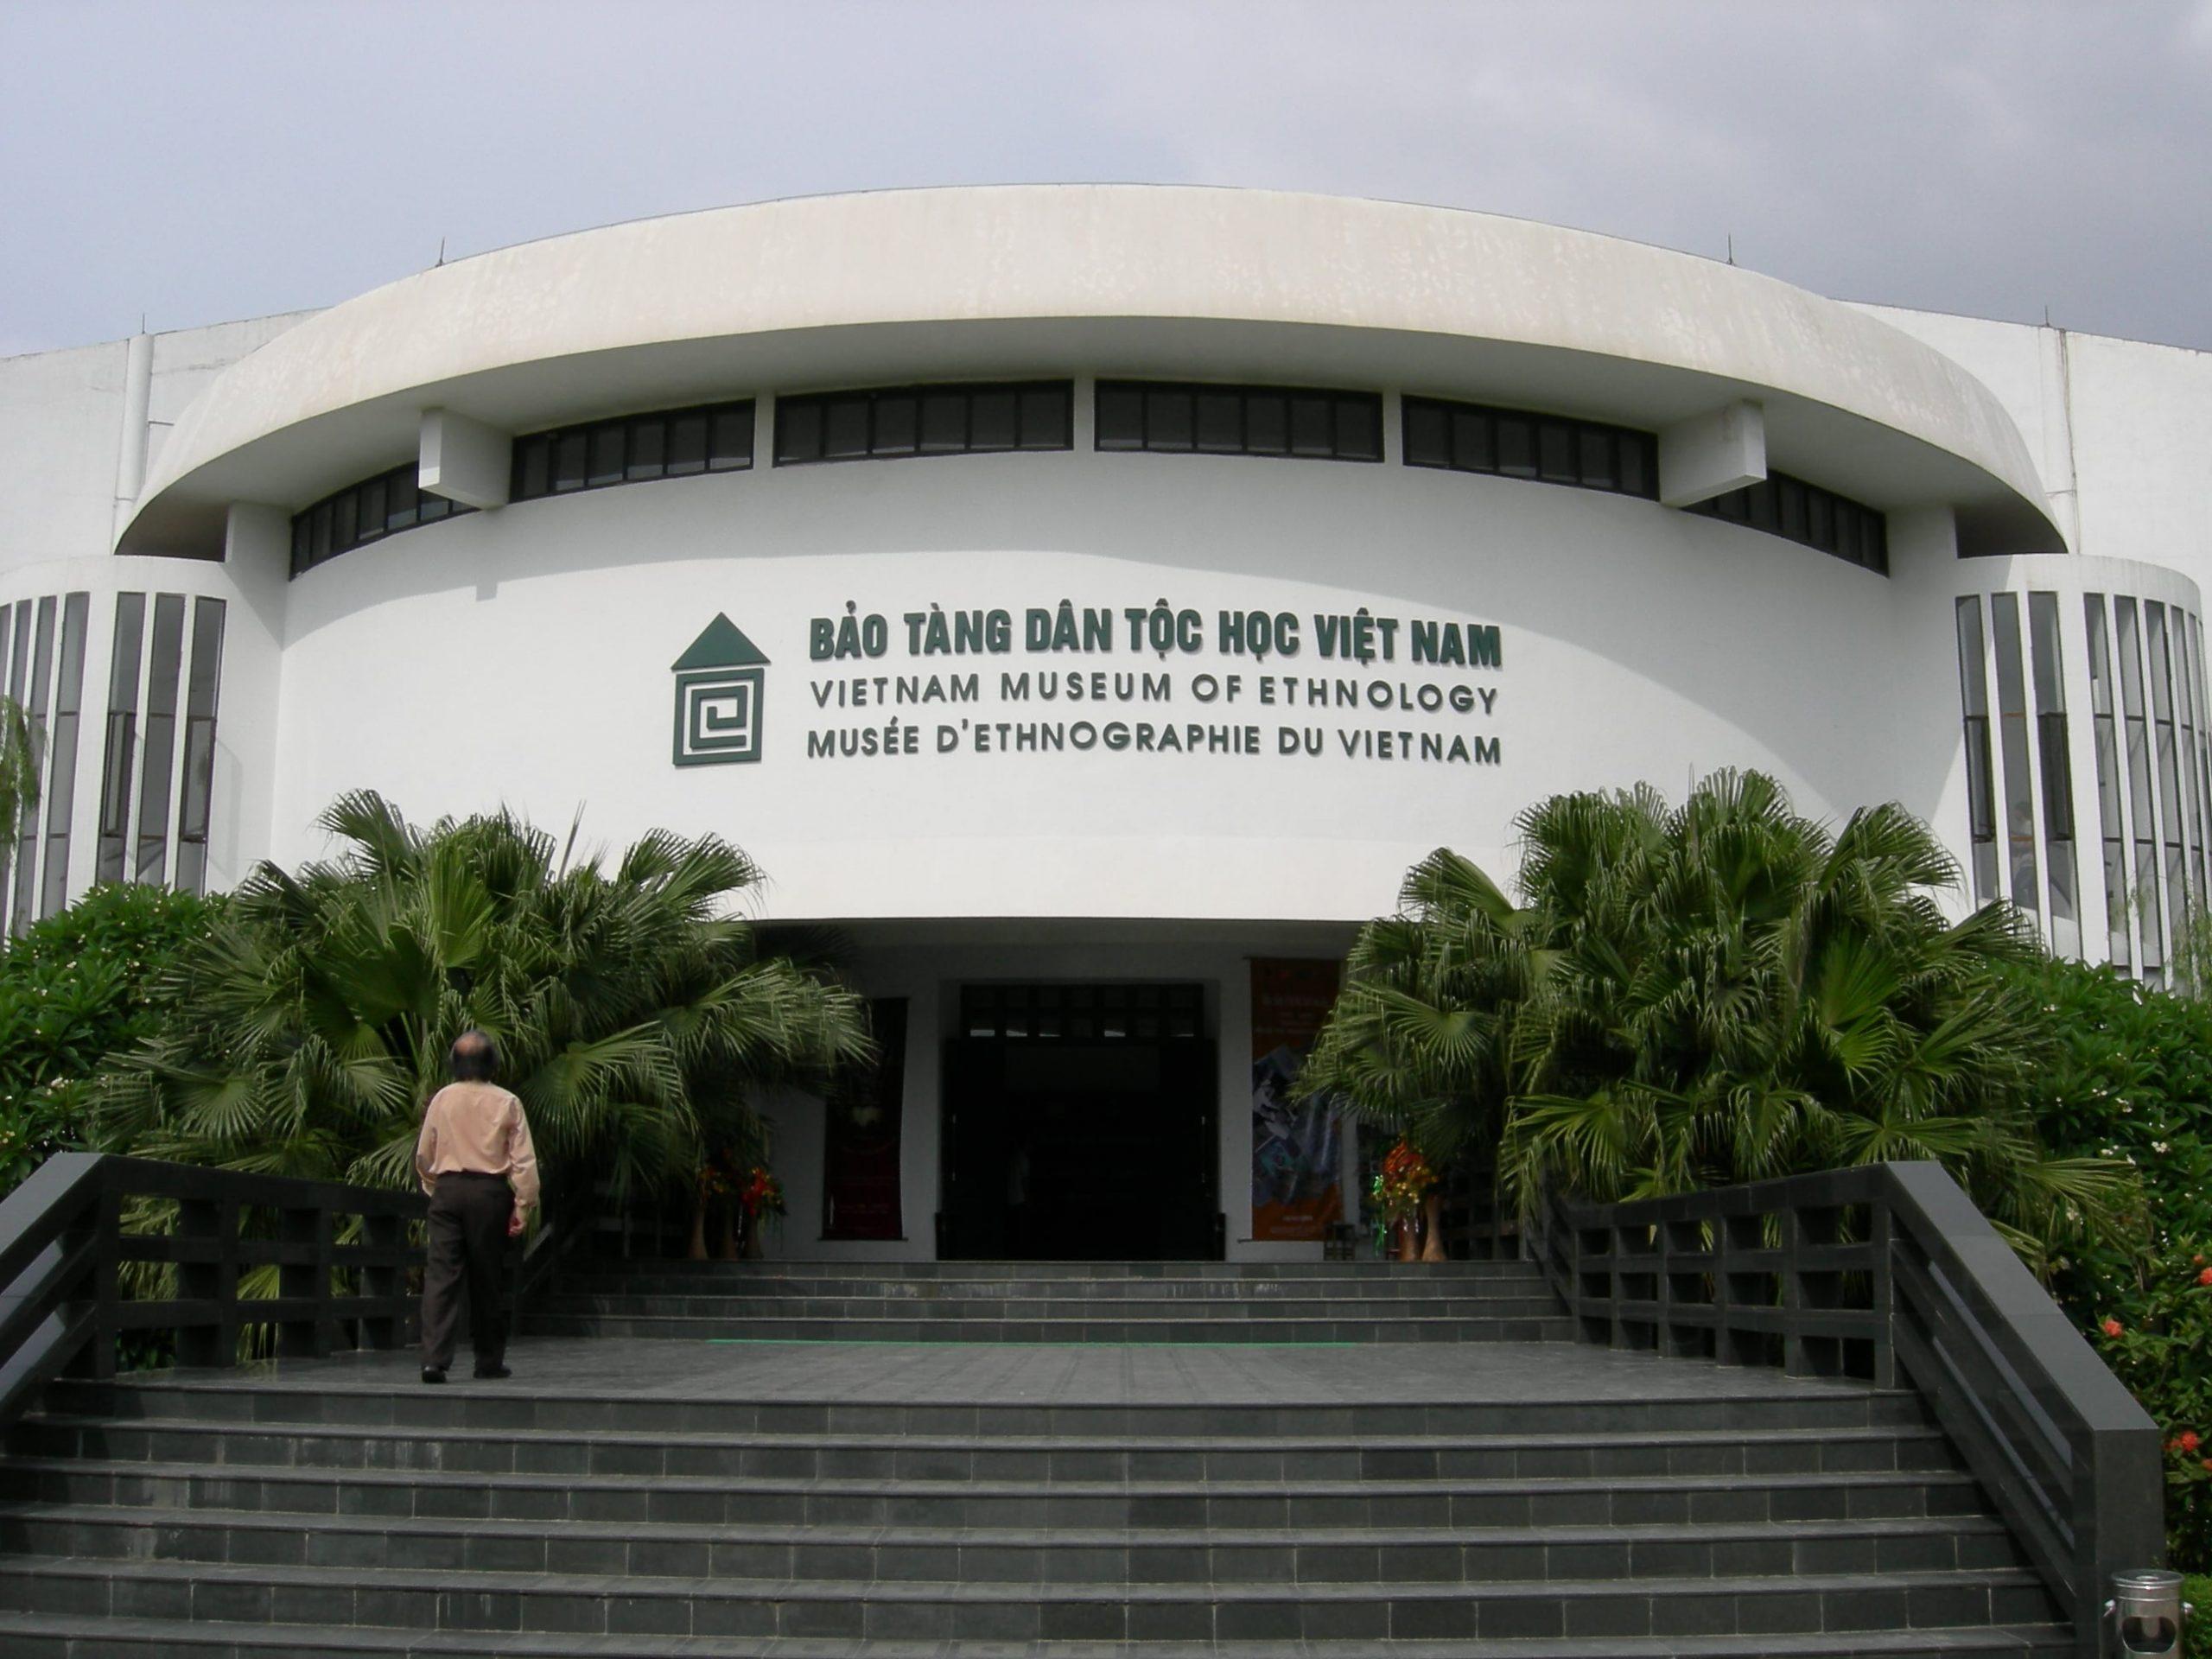 Bảo tàng Dân tộc học Việt Nam. Hình: Sưu tầm